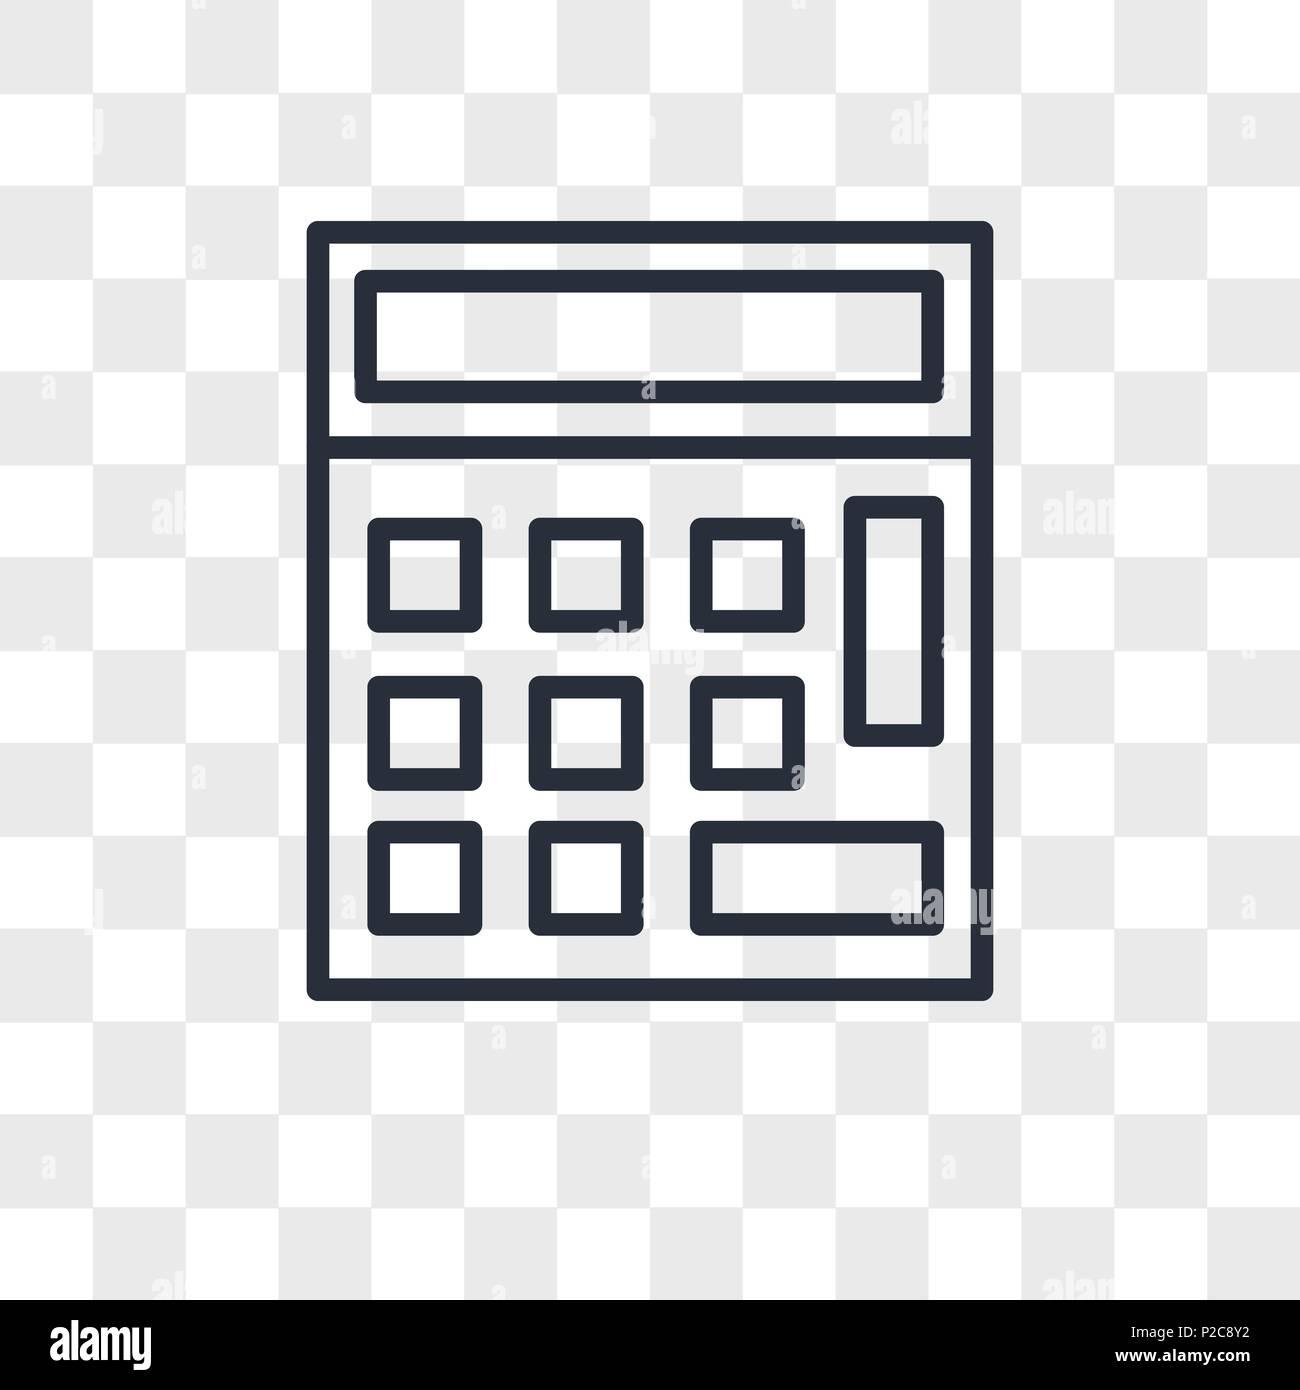 Taschenrechner Vektor Icon Auf Transparentem Hintergrund Isoliert